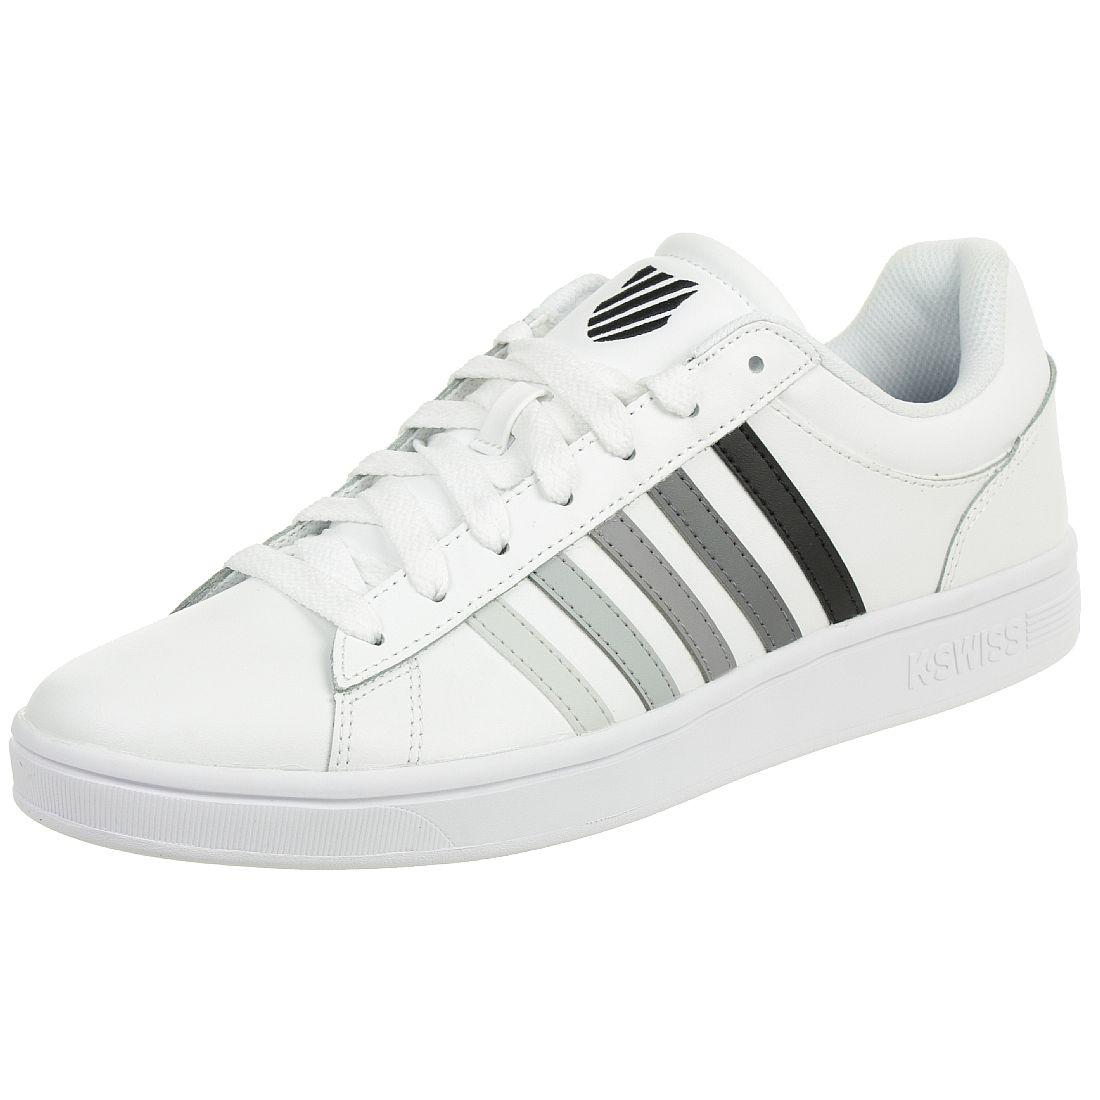 online store a165c 49f2d K-SWISS Court Winston Schuhe Herren Sneaker weiss 06154-191 ...